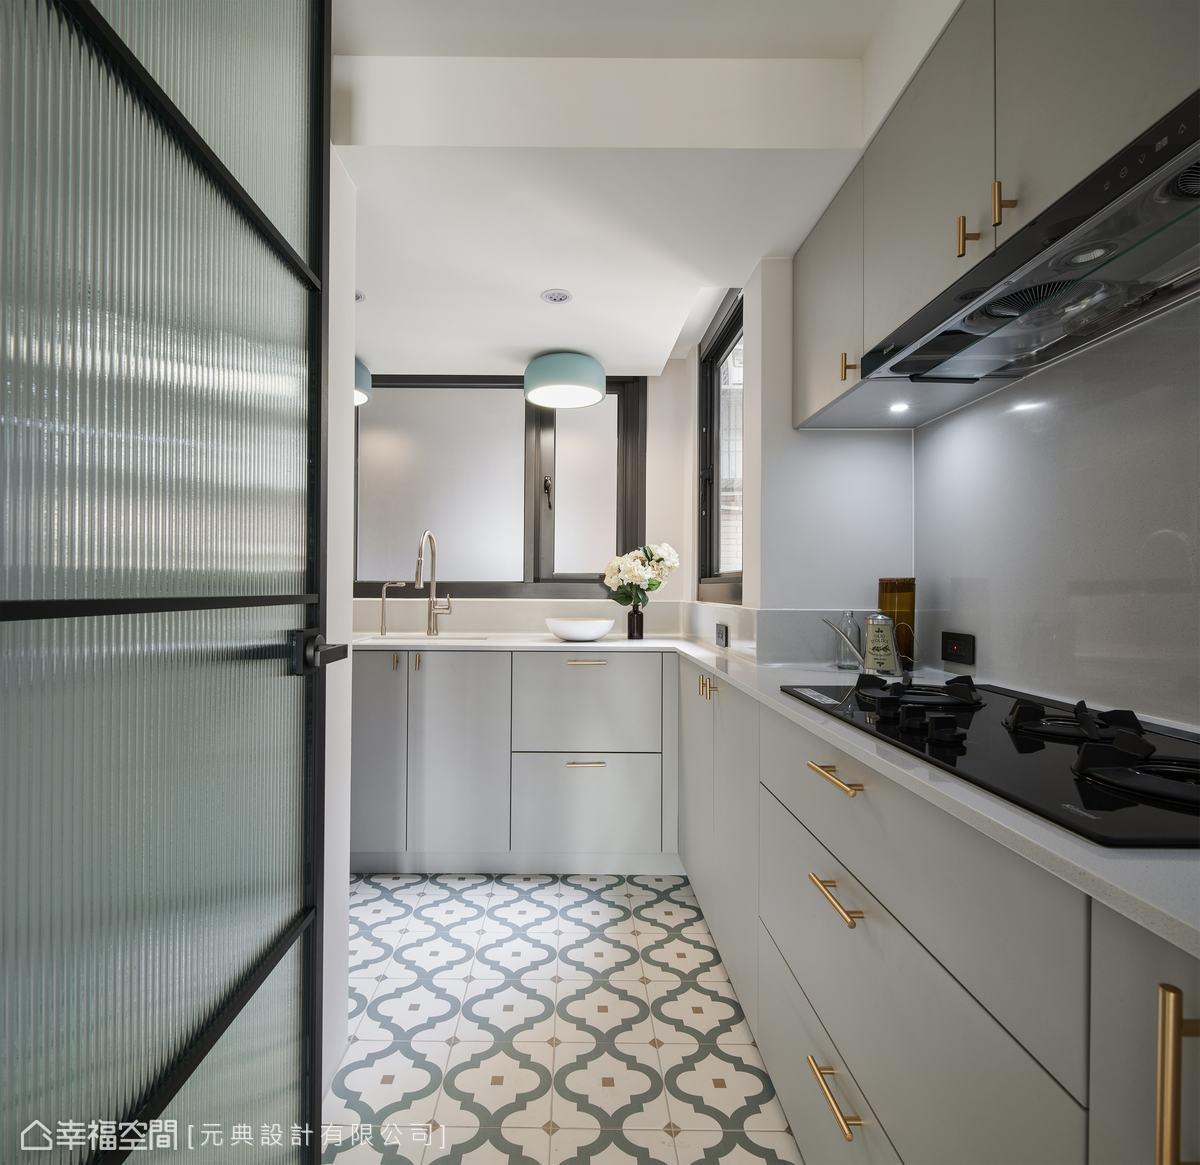 廚房的地坪以花磚鋪陳,廚房空間多了點繽紛的花漾美感,讓人眼睛為之一亮。